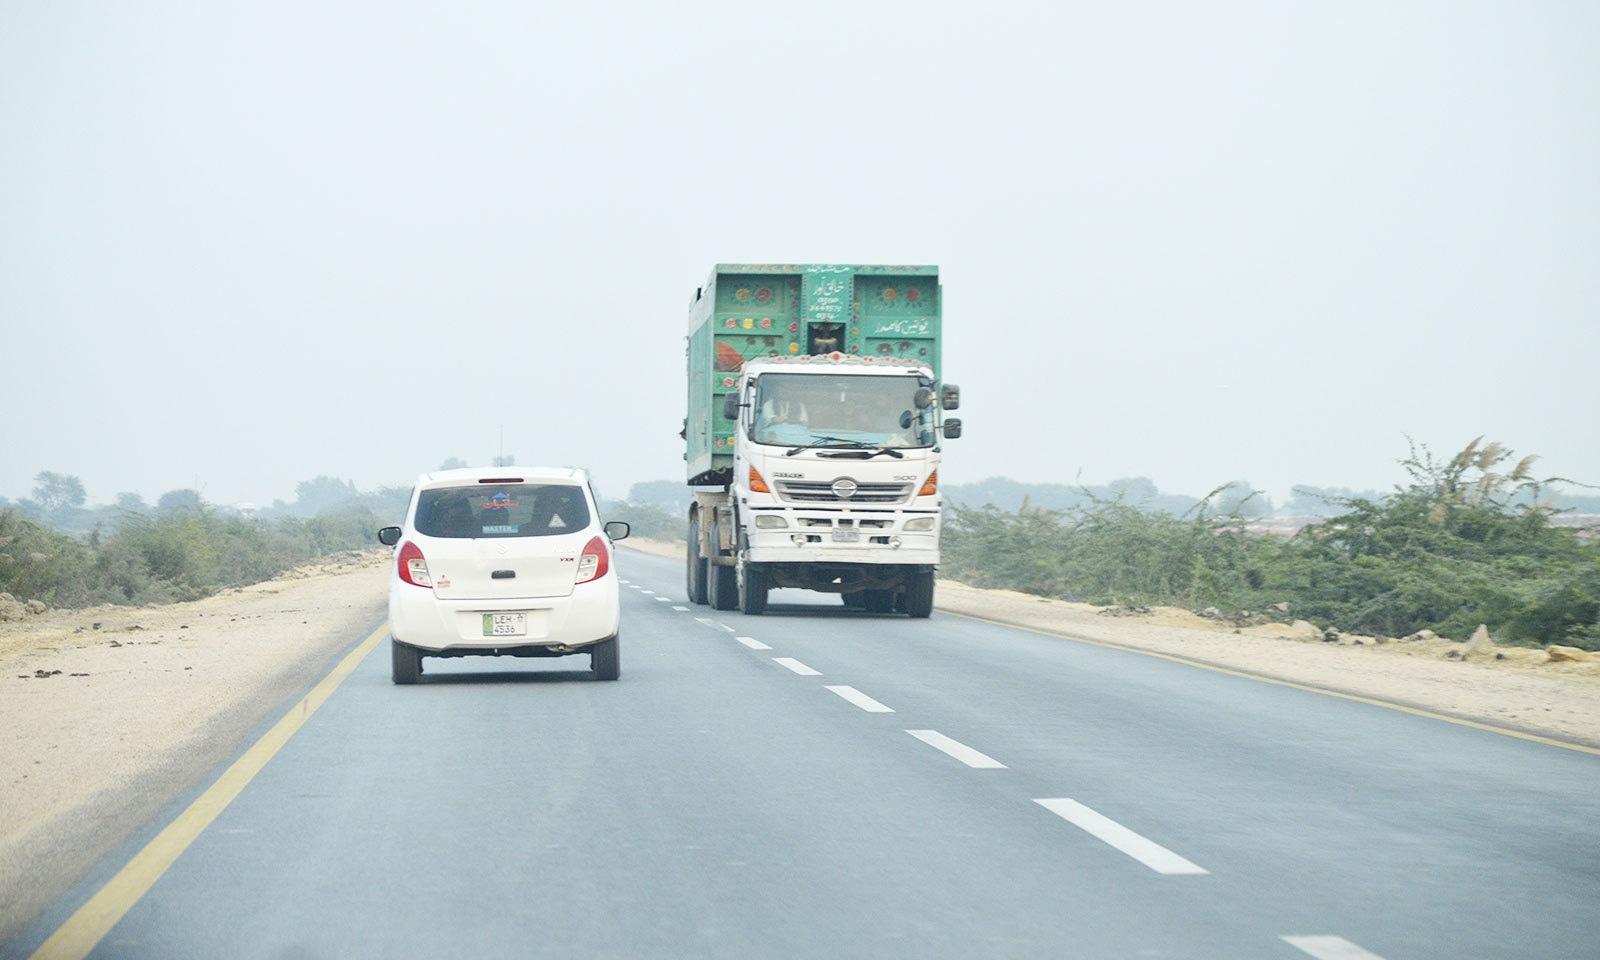 سندھ کی کئی شاہراہیں حادثات کے حوالے سے خطرناک سمجھی جاتی ہیں—فوٹو: غازی حسین حیدری